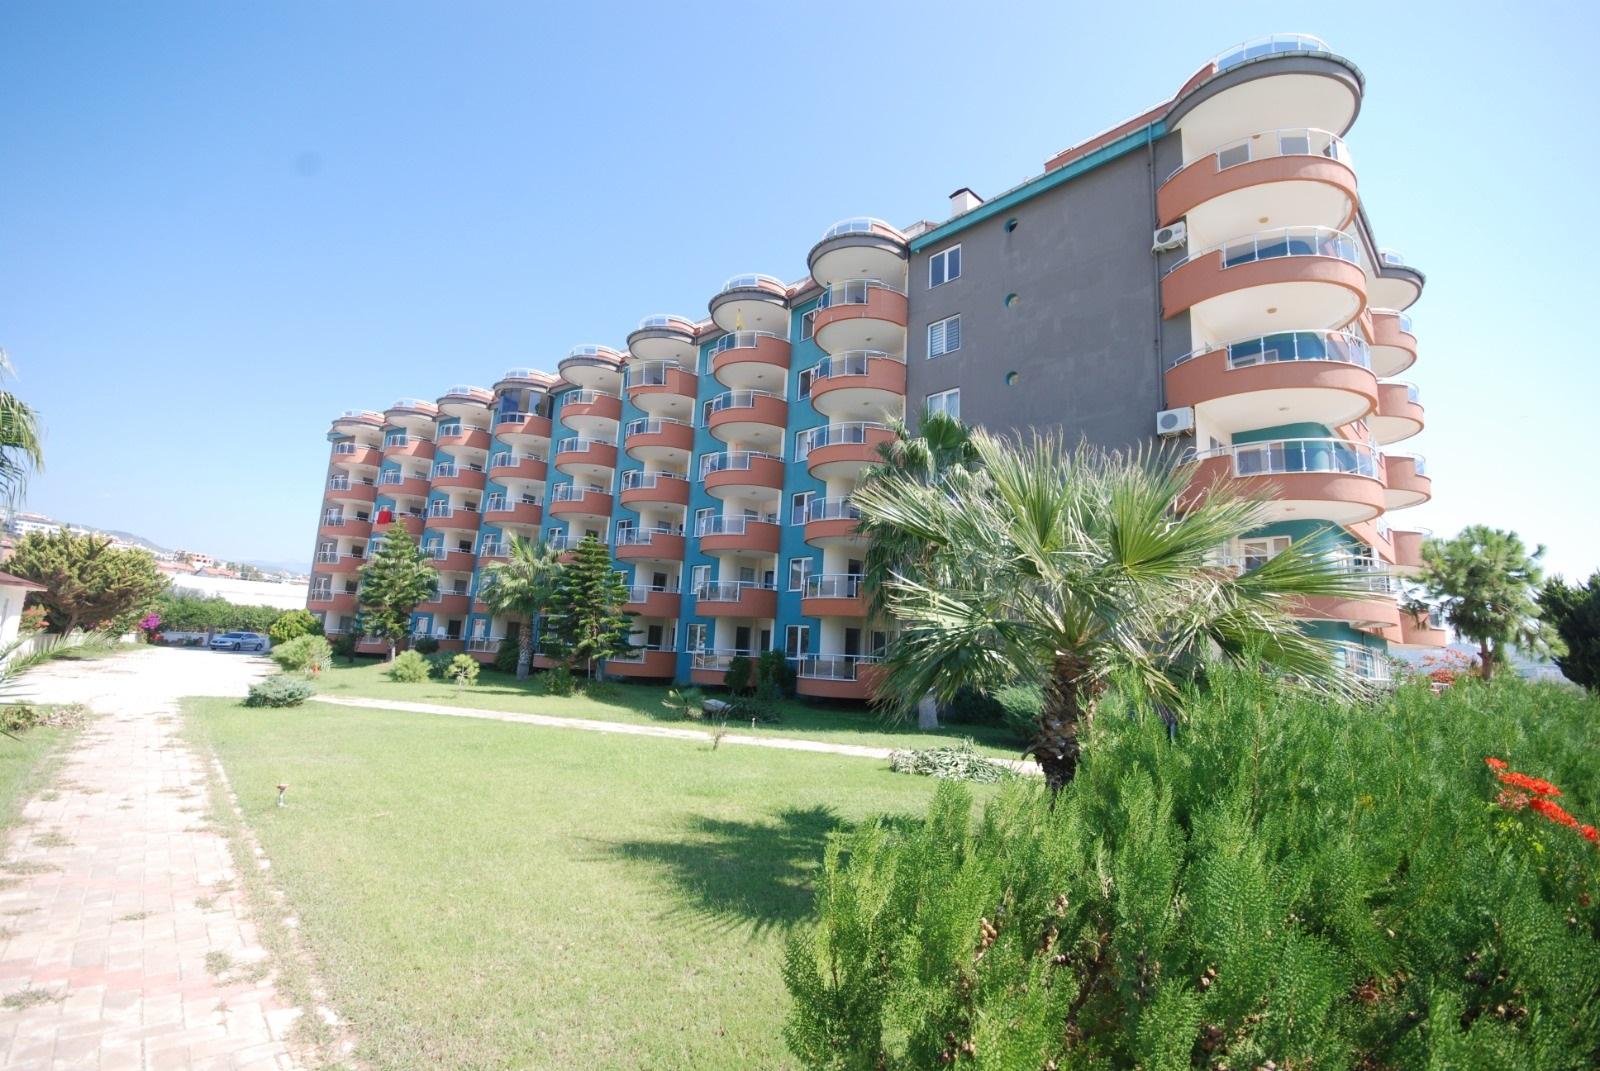 Квартира 2+1 с видом на море в районе Демирташ - Фото 1